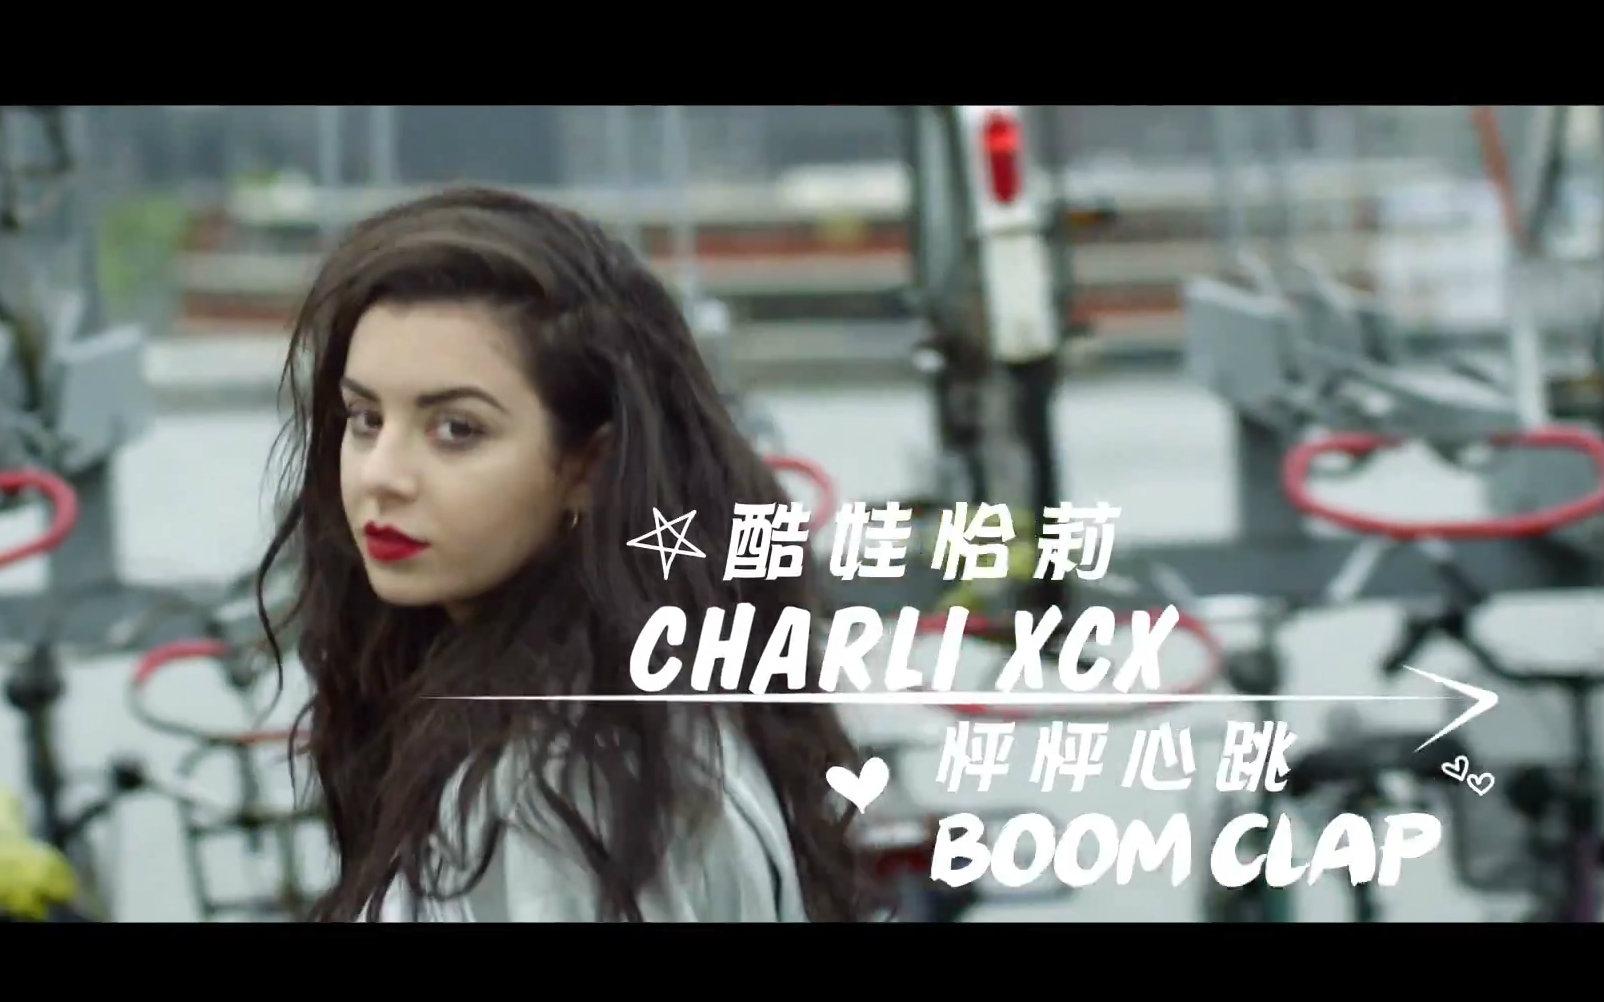 茶妹无删减版_洗茶妹 charli xcx - boom clap 怦怦心跳 《星运里的